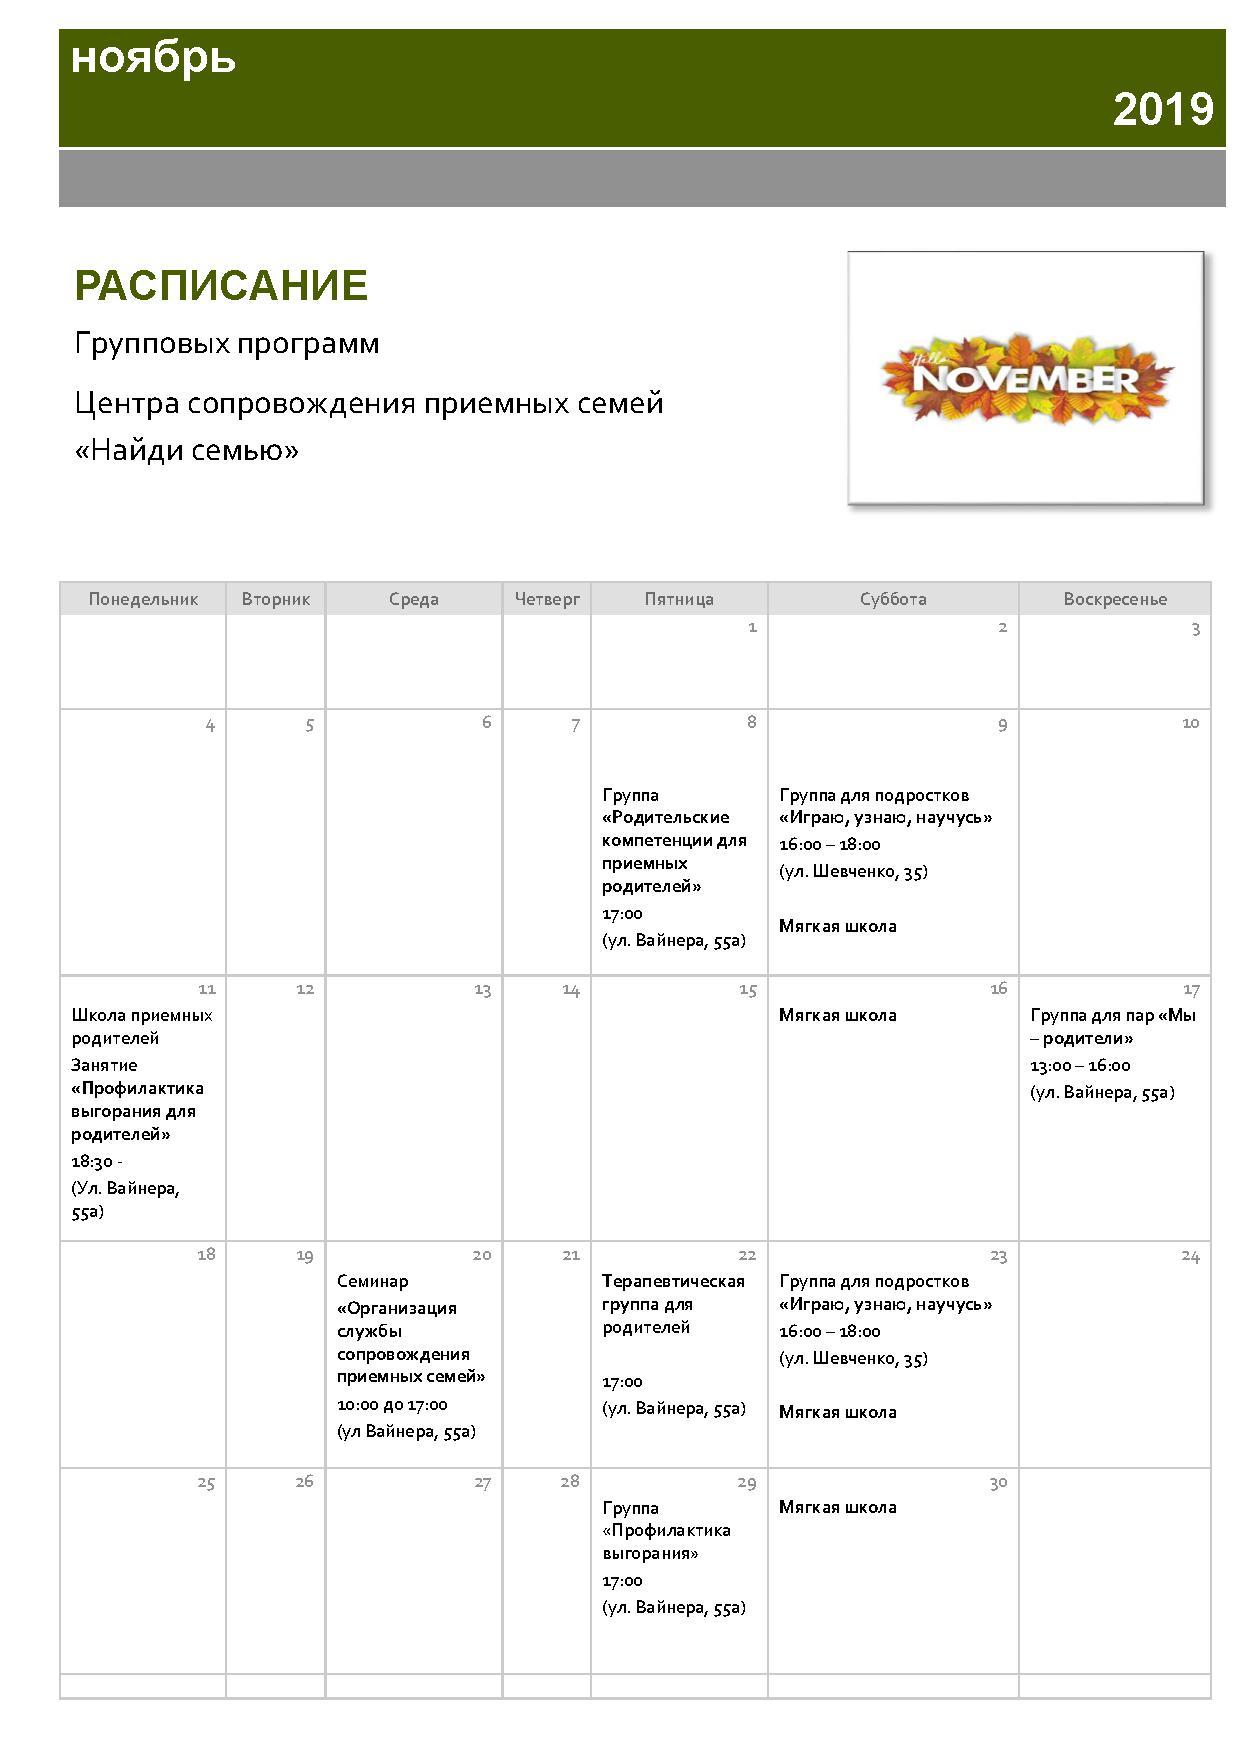 расписание ноябрь